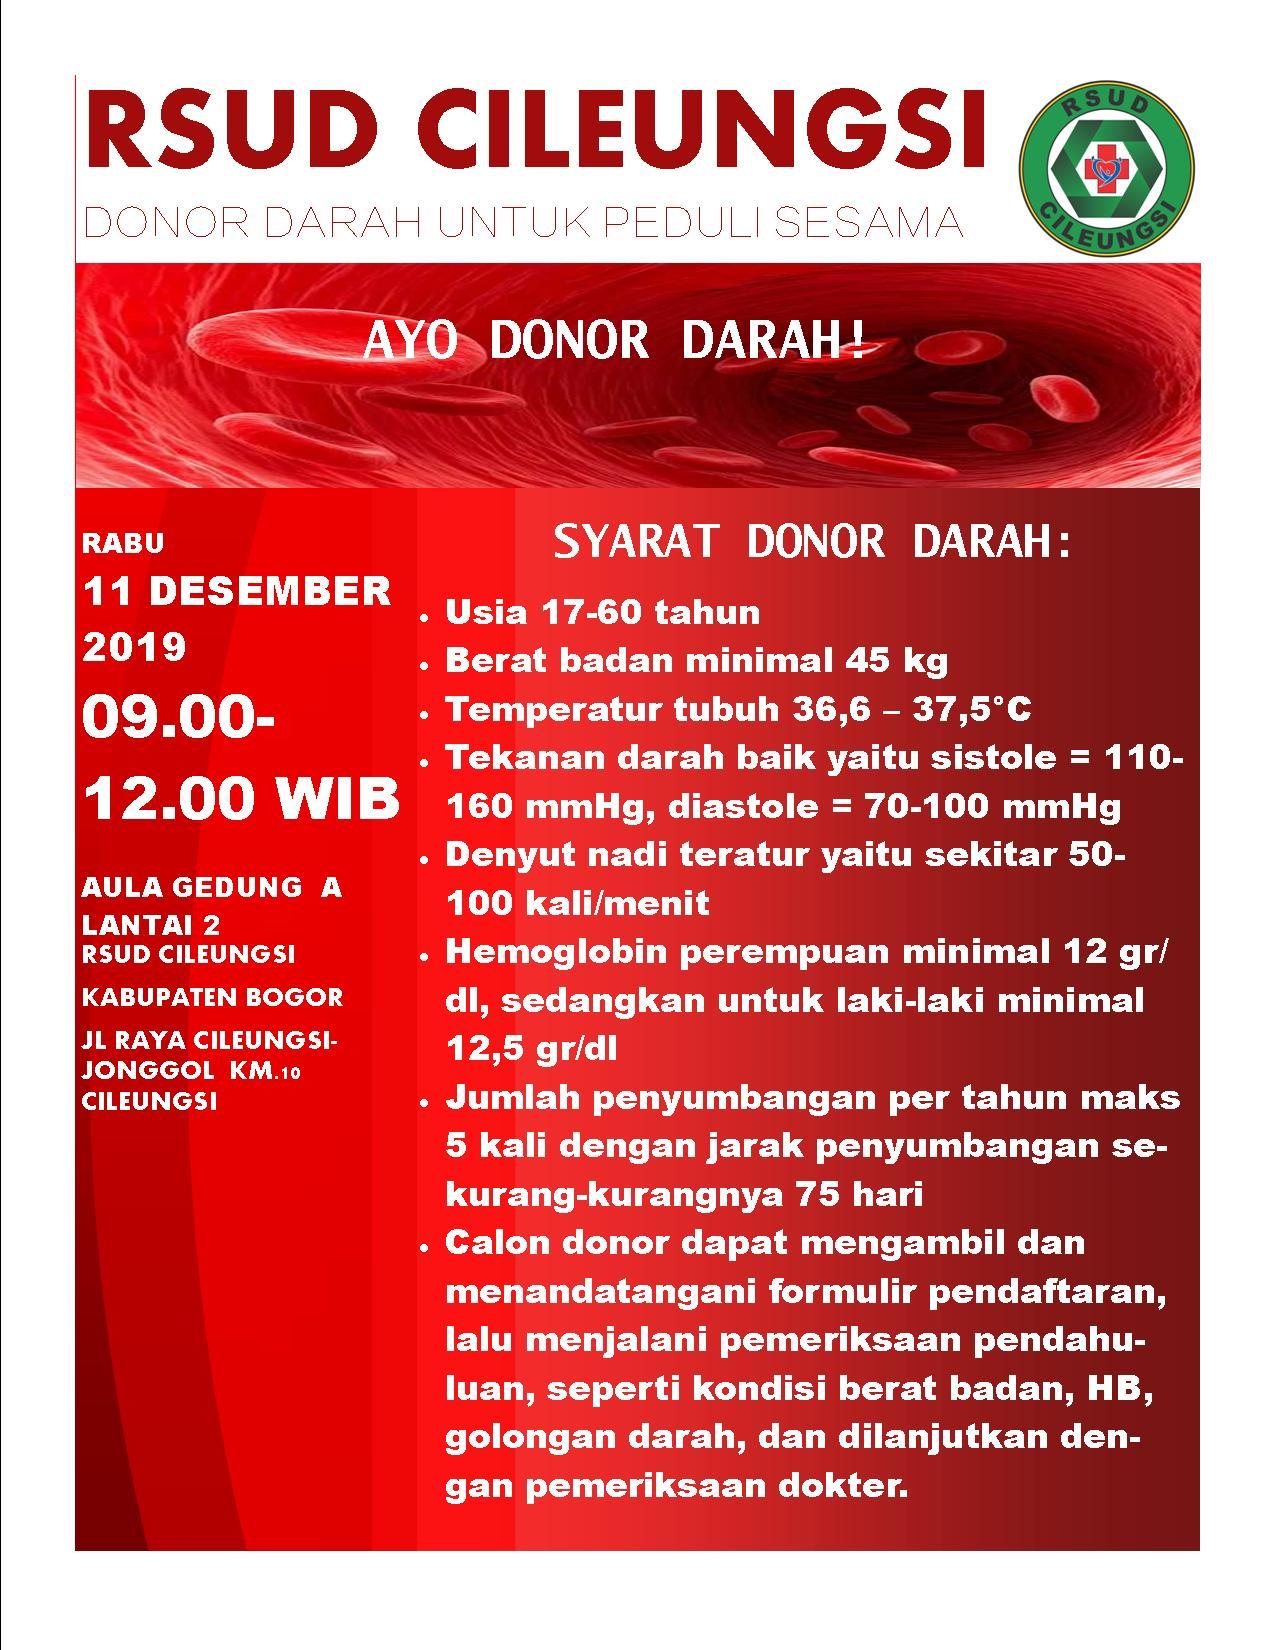 Aksi Donor Darah RSUD Cileungsi